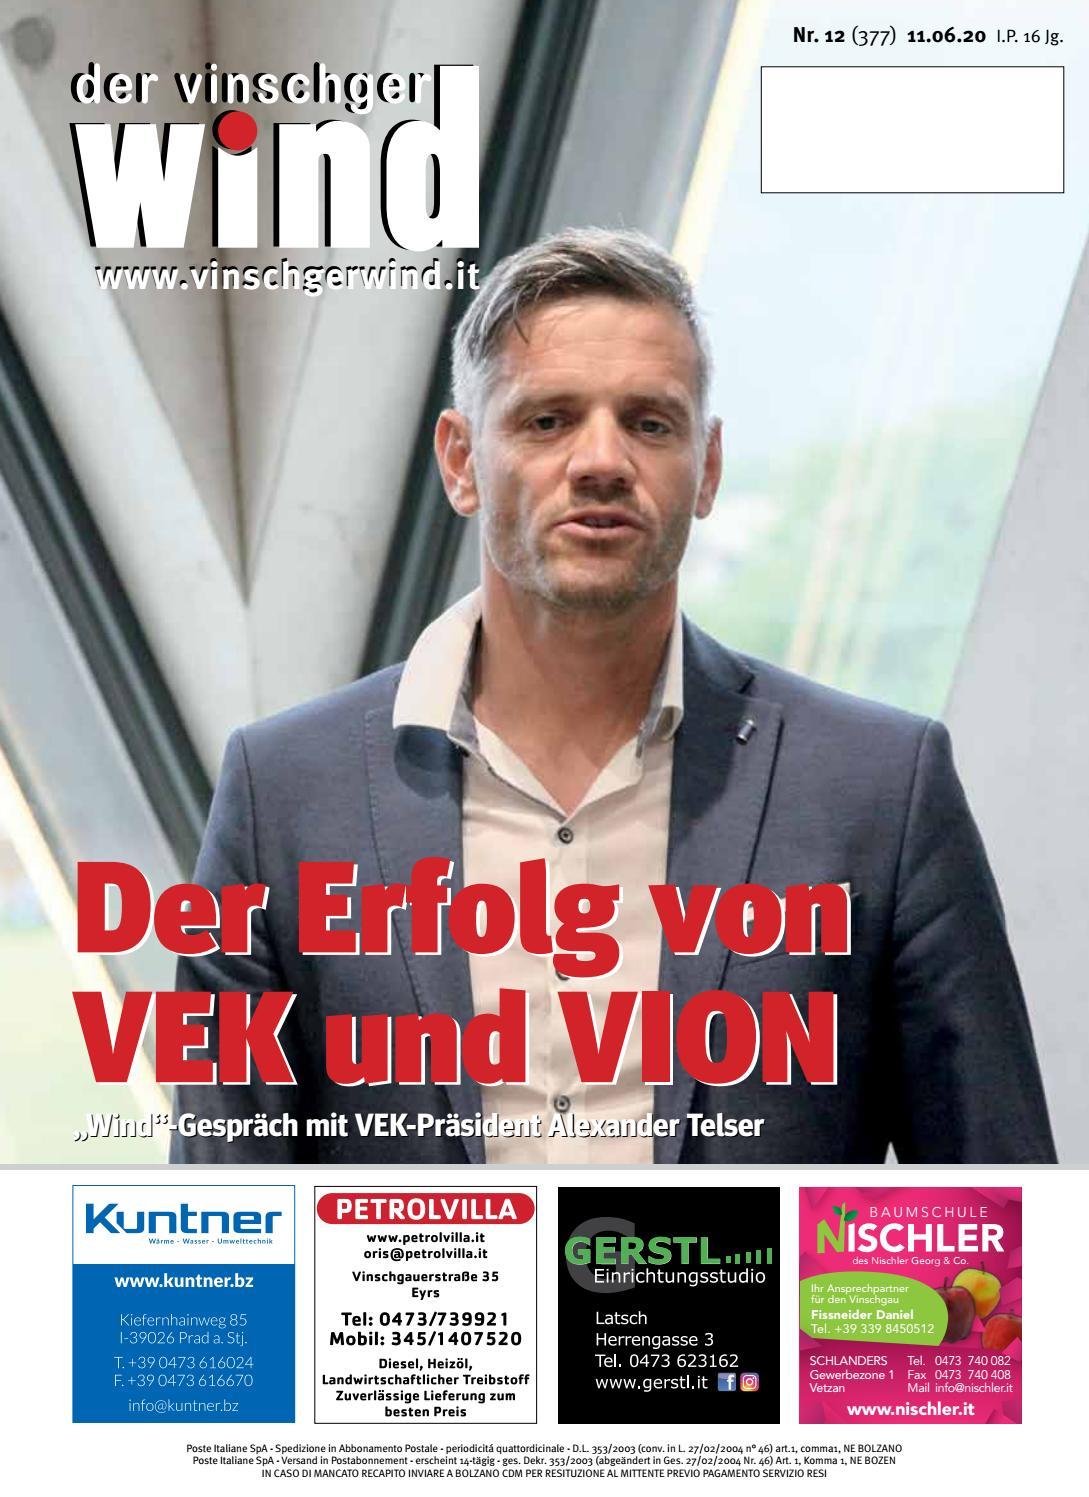 Zeitung Vinschgerwind 12 20 Vom 11 06 20 Bezirk Vinschgau Sudtirol By Vinschgerwind Issuu